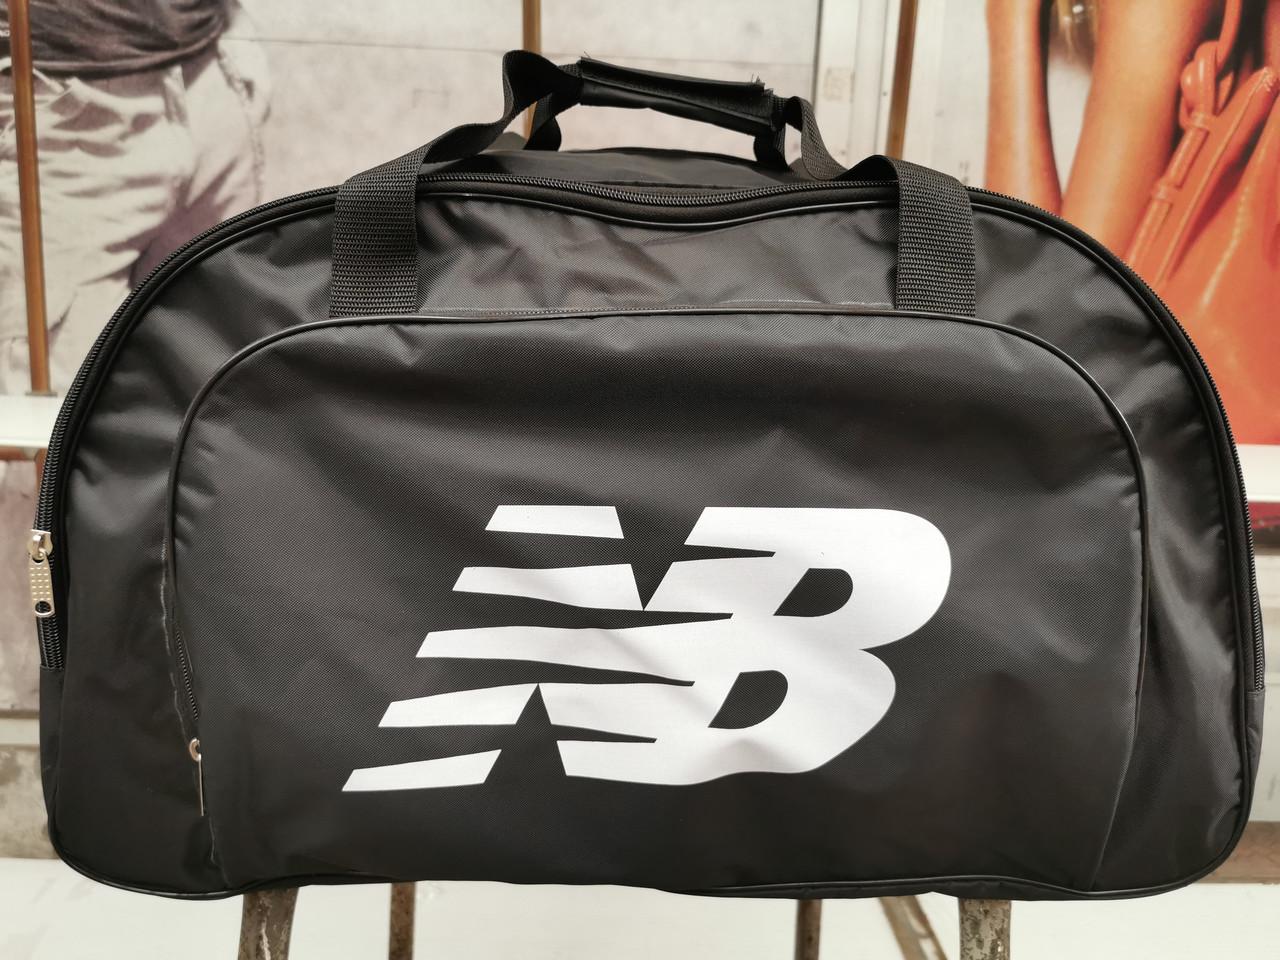 Спортивная дорожная сумка NB/Дорожная сумка/Спортивная сумка только оптом